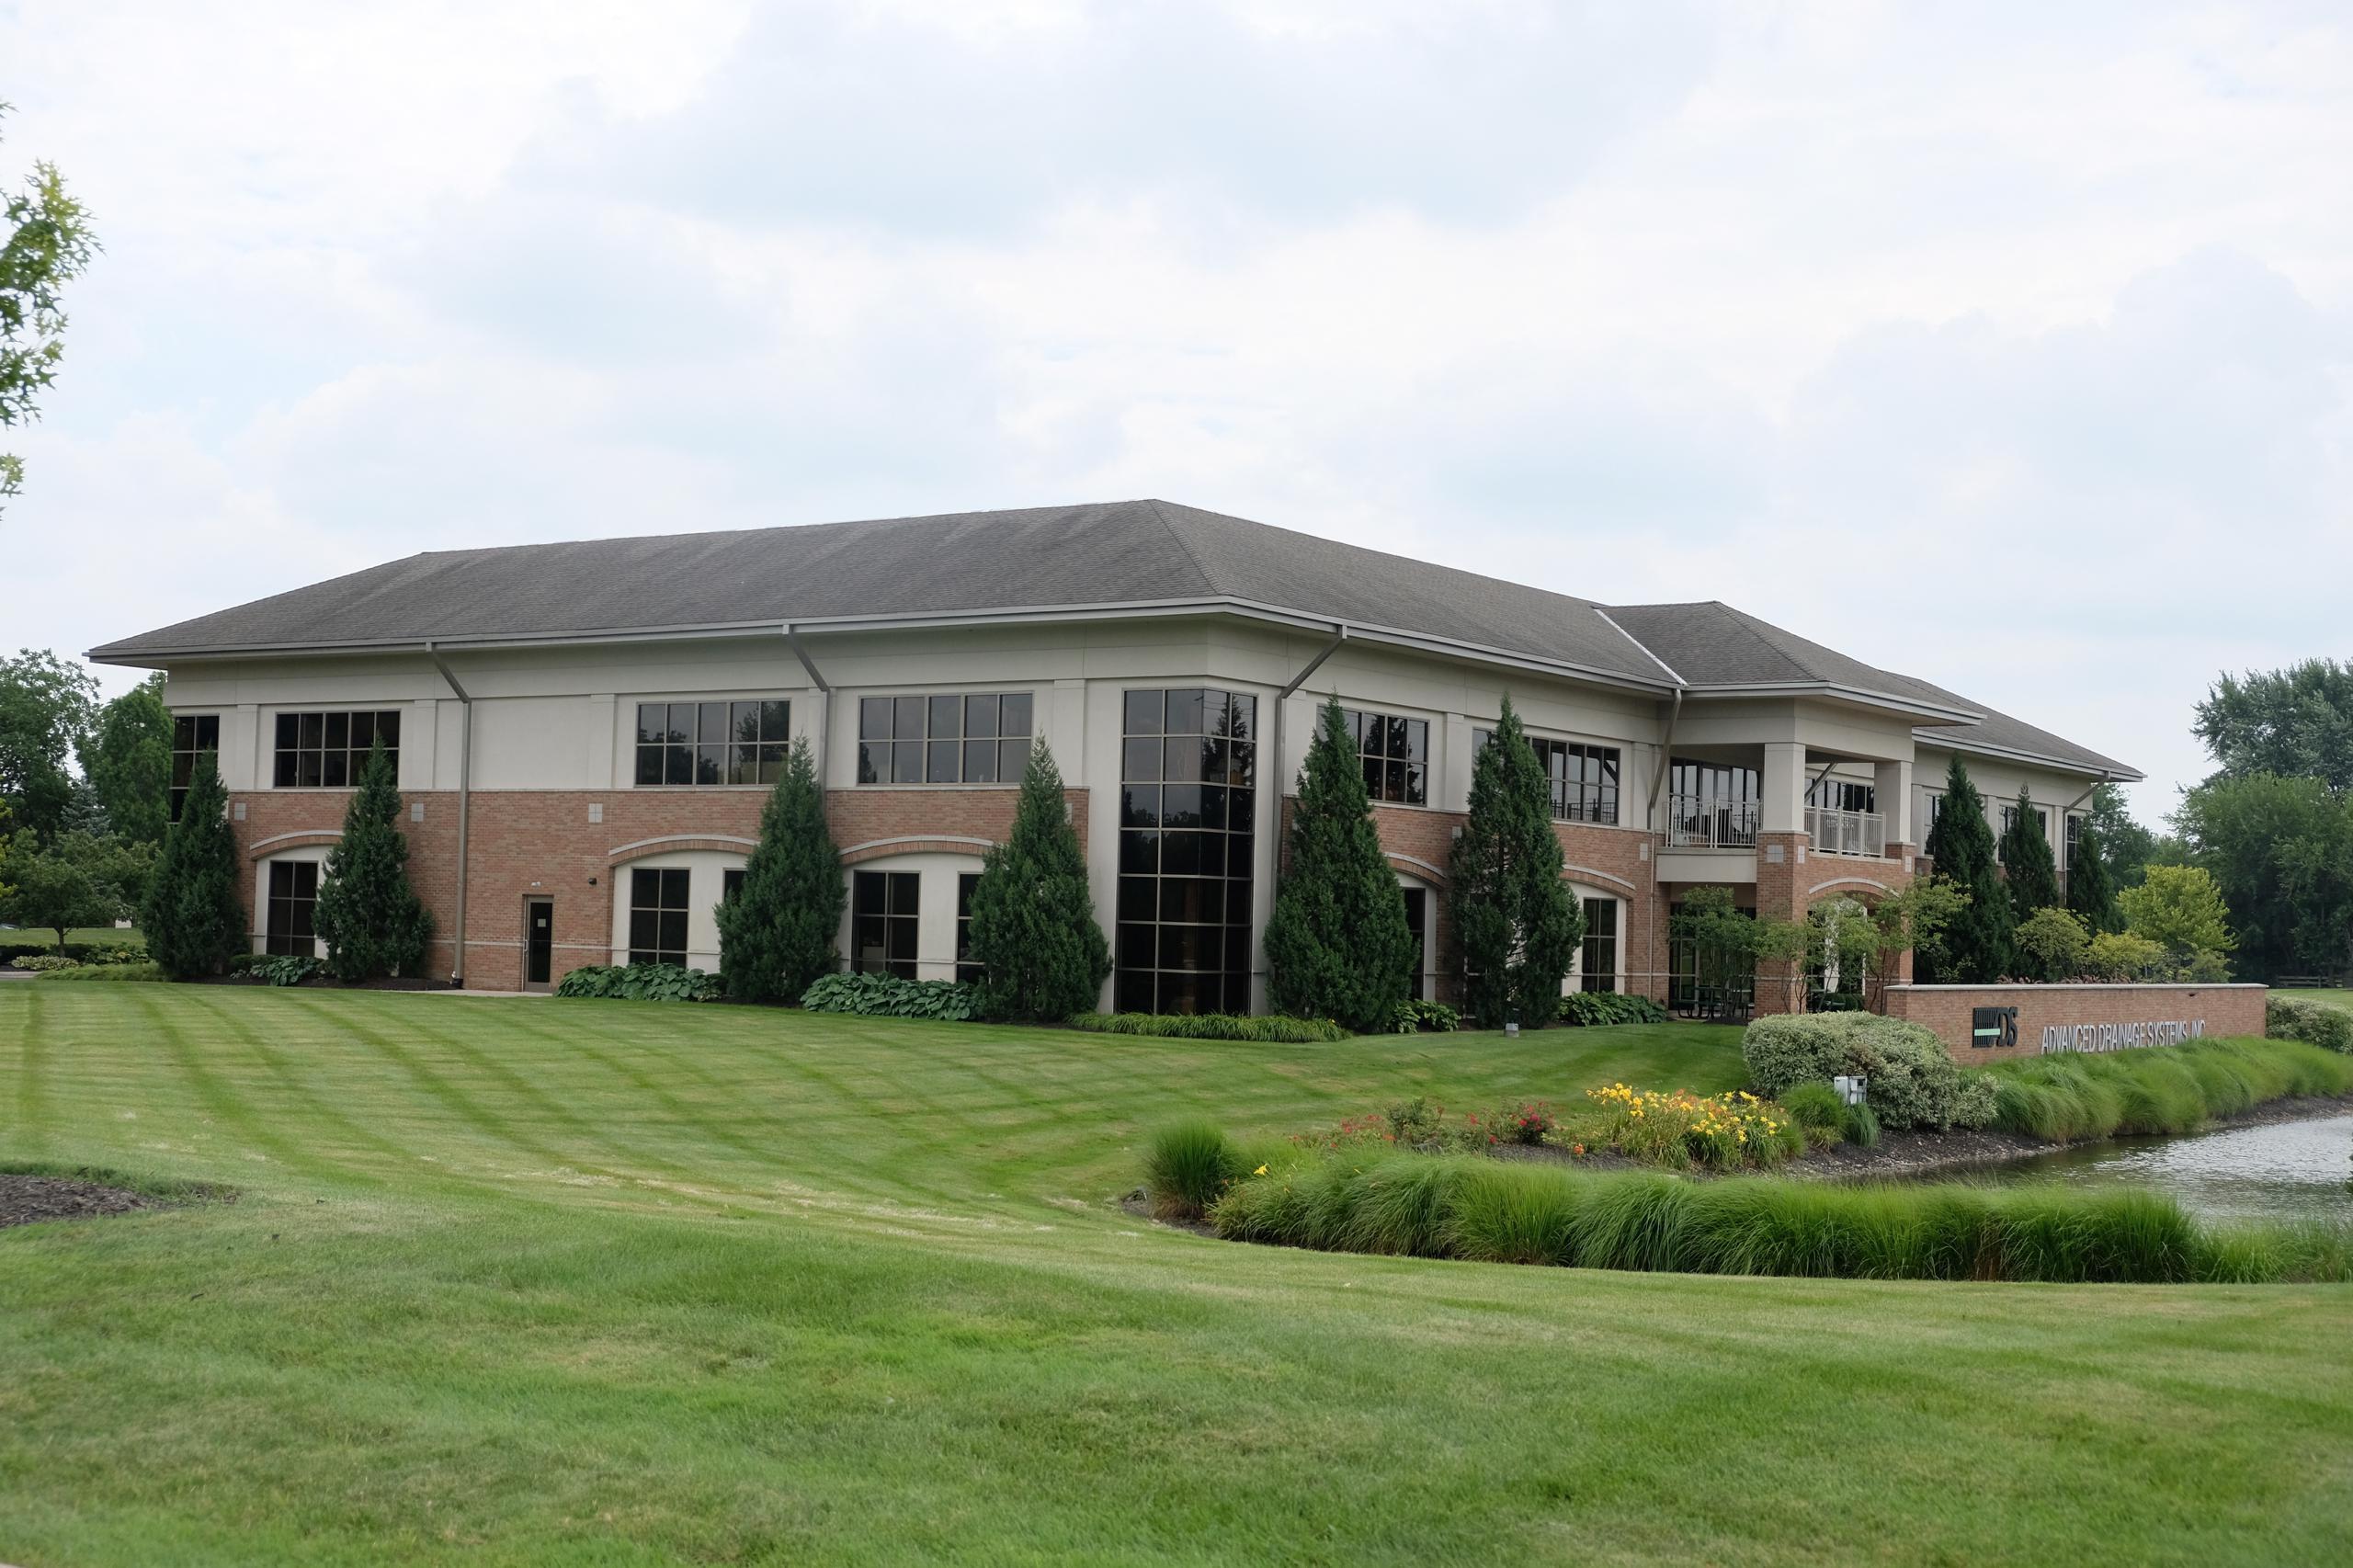 Advanced Drainage Systems' corporate headquarters in Hilliard, Ohio.